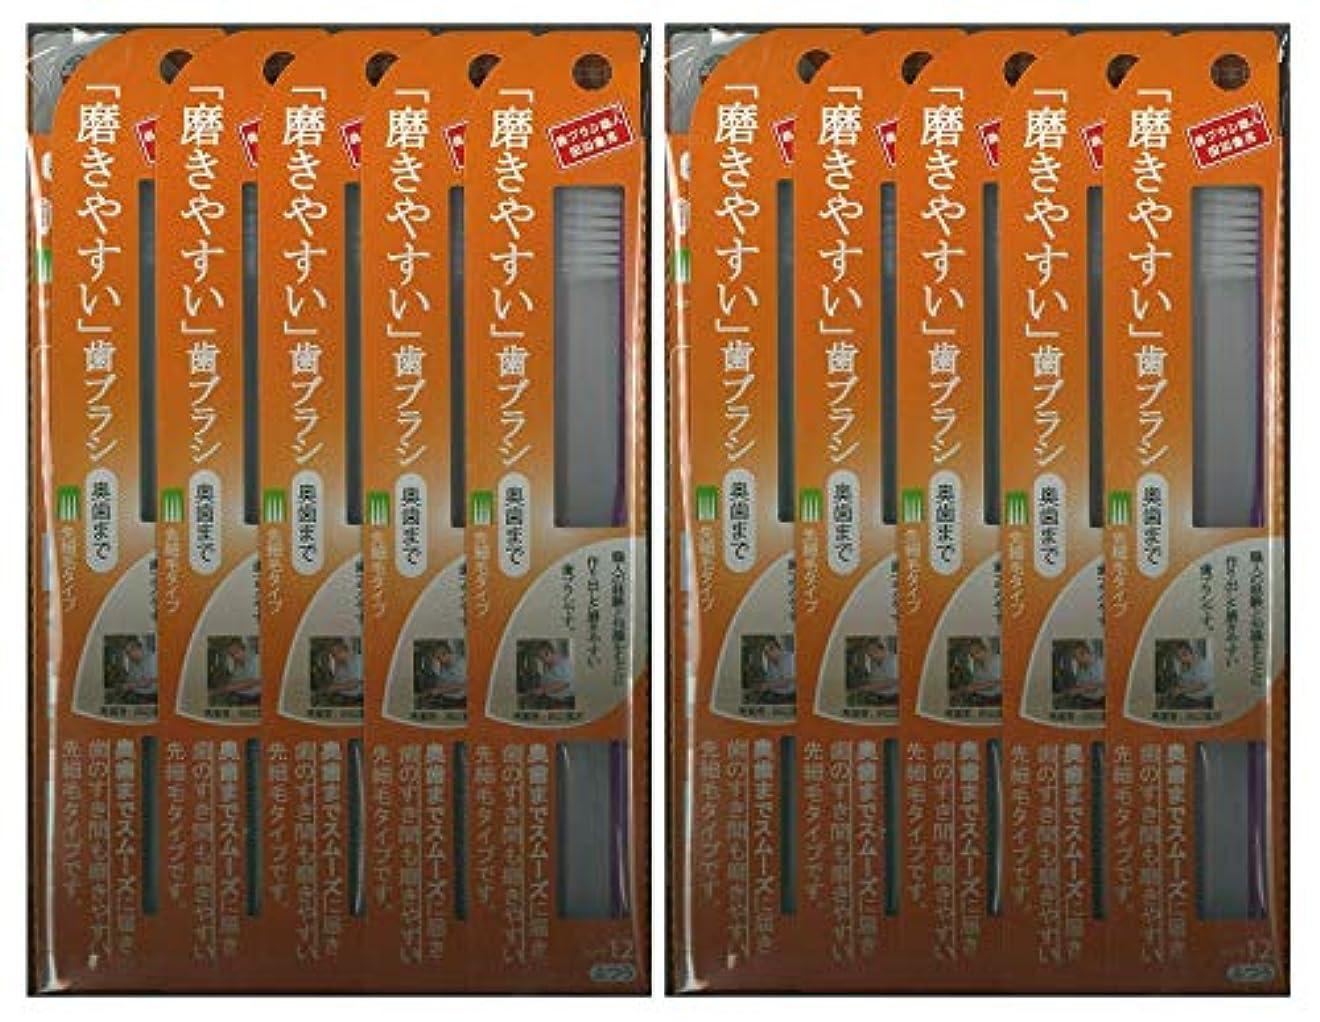 軍組み立てる工場歯ブラシ職人 田辺重吉考案 磨きやすい歯ブラシ ふつう (奥歯まで)先細 LT-12 1本入×24本セット